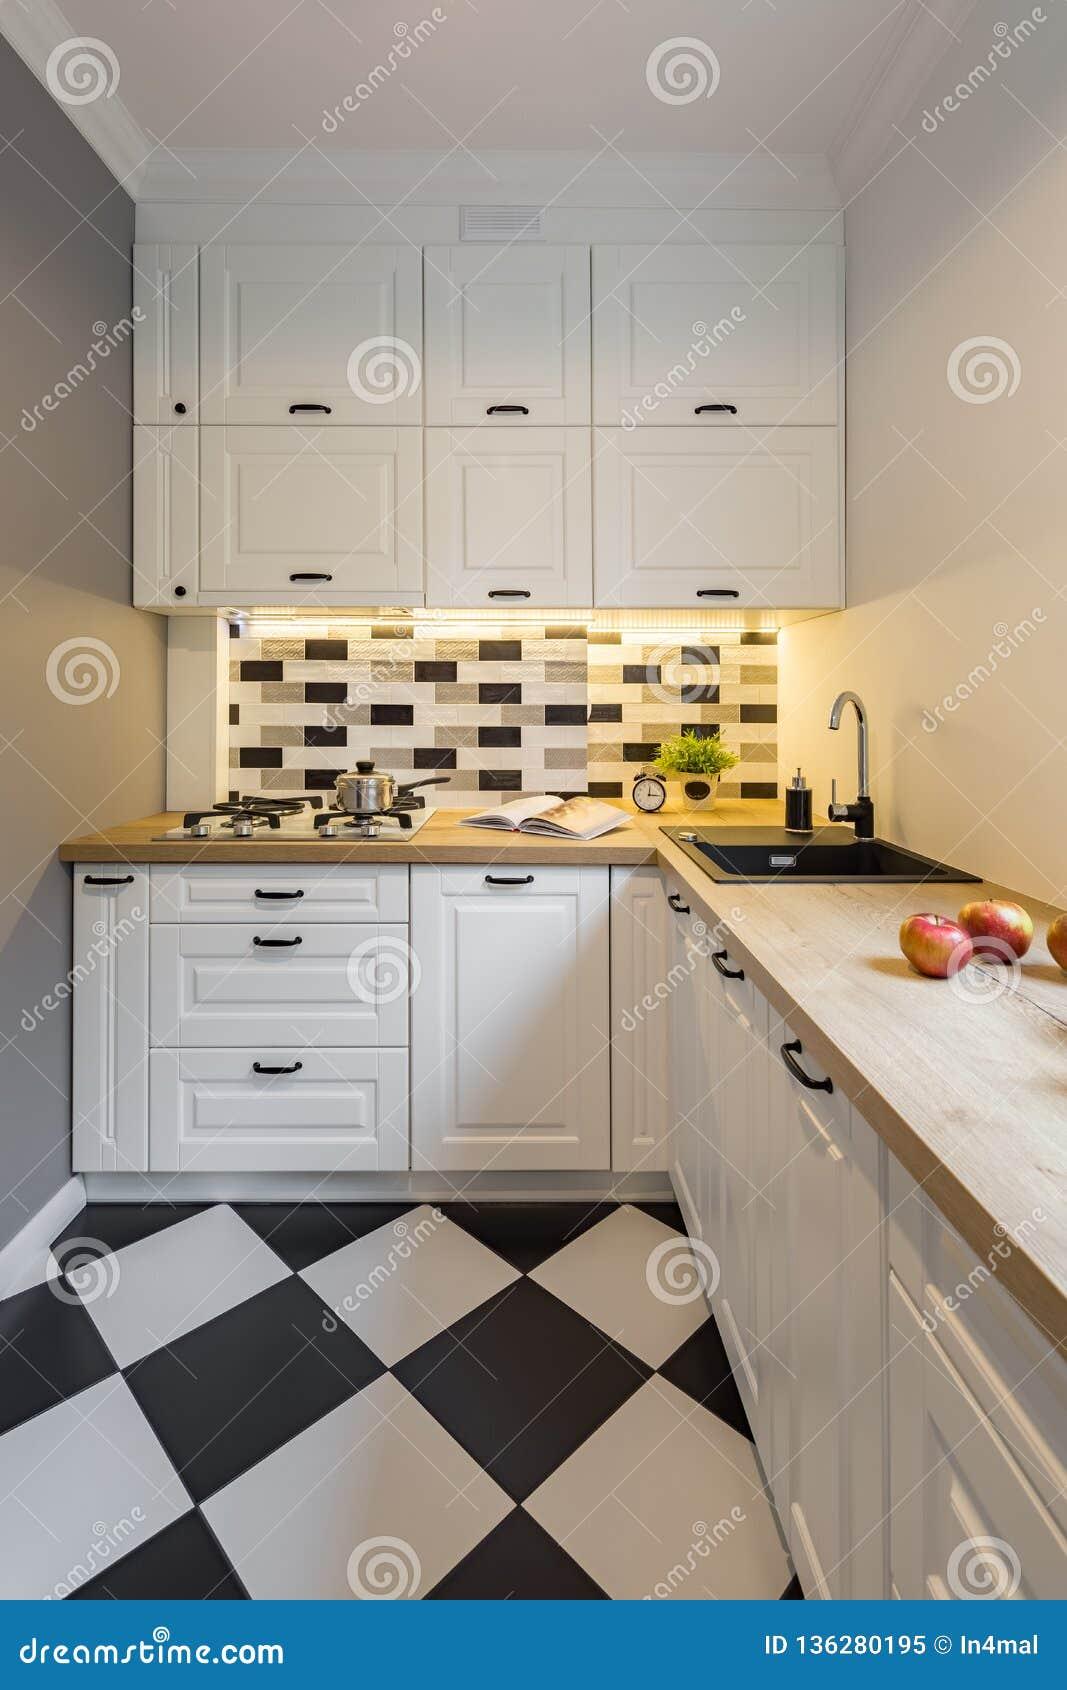 Cucina Con Le Piastrelle Per Pavimento Moderne Immagine ...